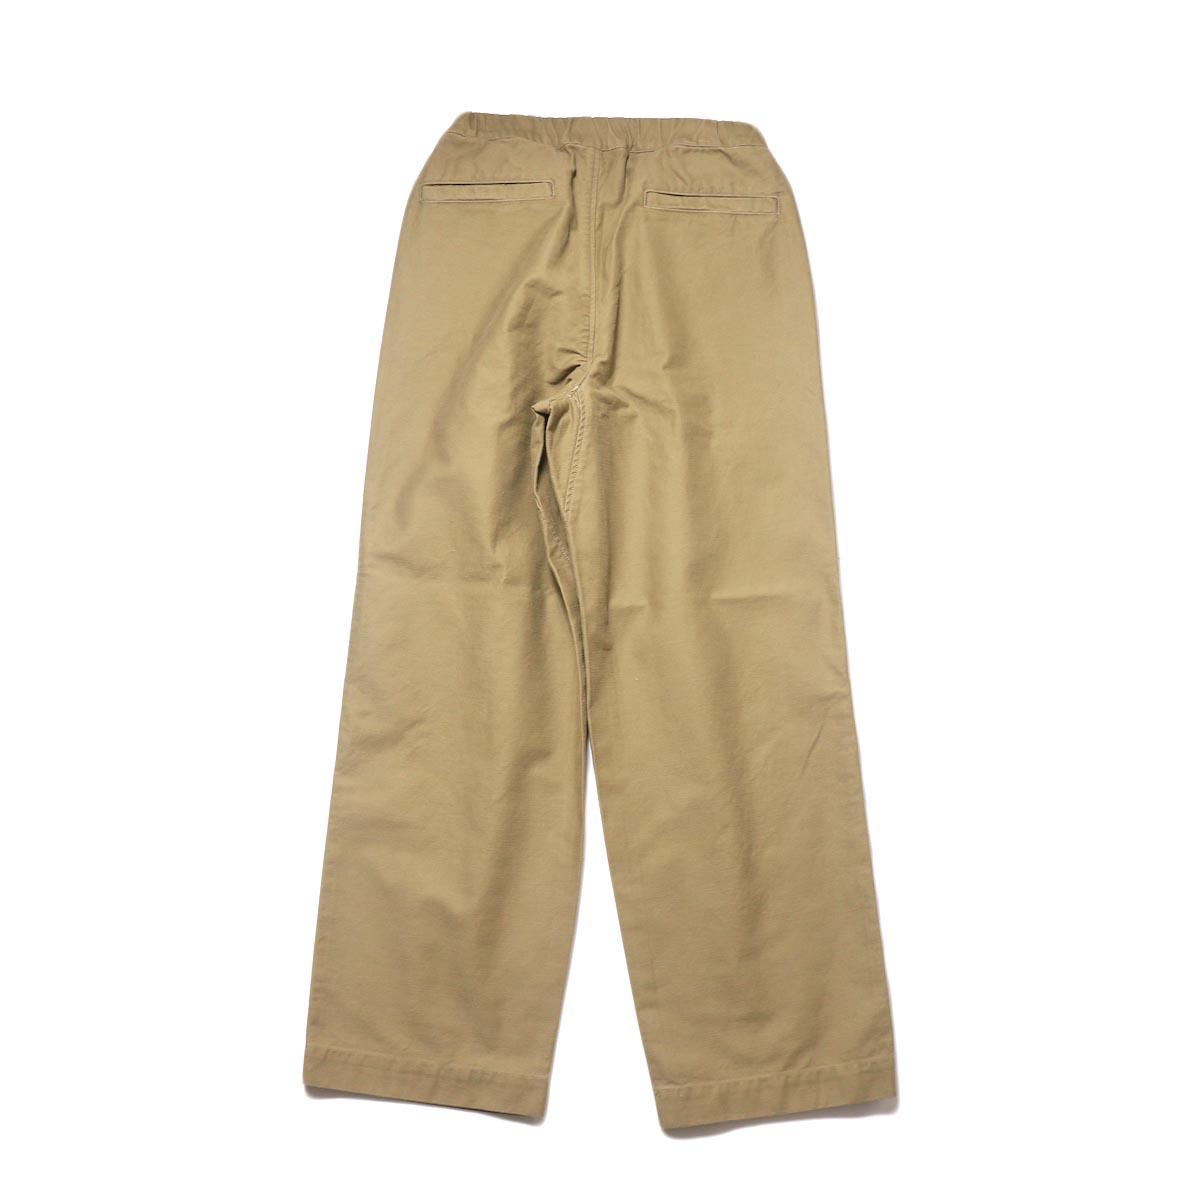 BRENA / Coq Pants (beige) 背面